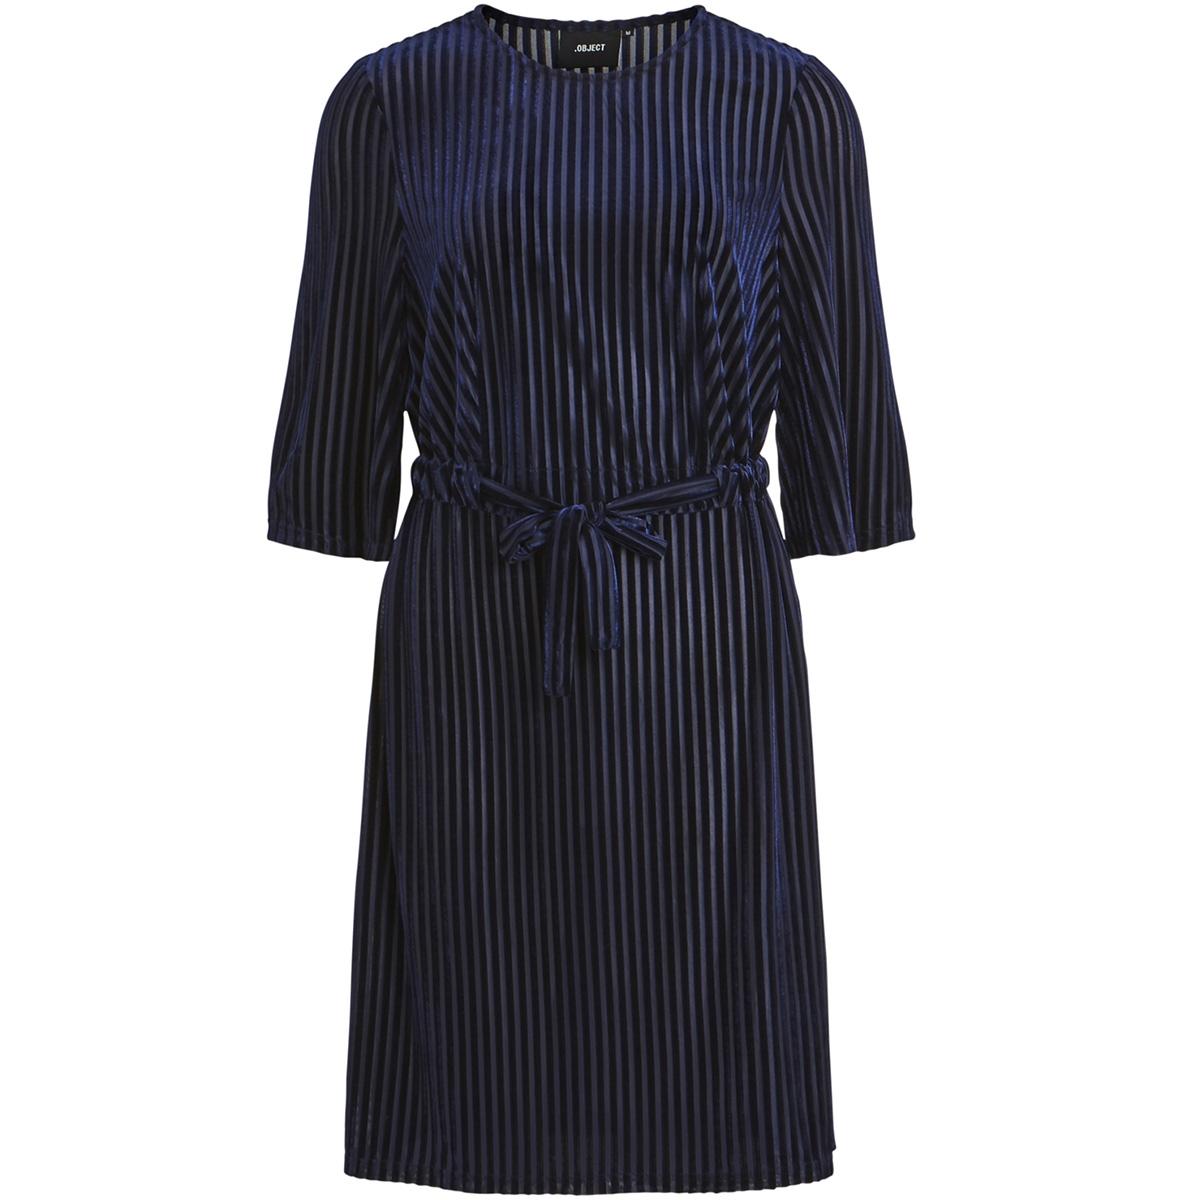 objbelia  3/4 dress a au 23028833 object jurk sky captain